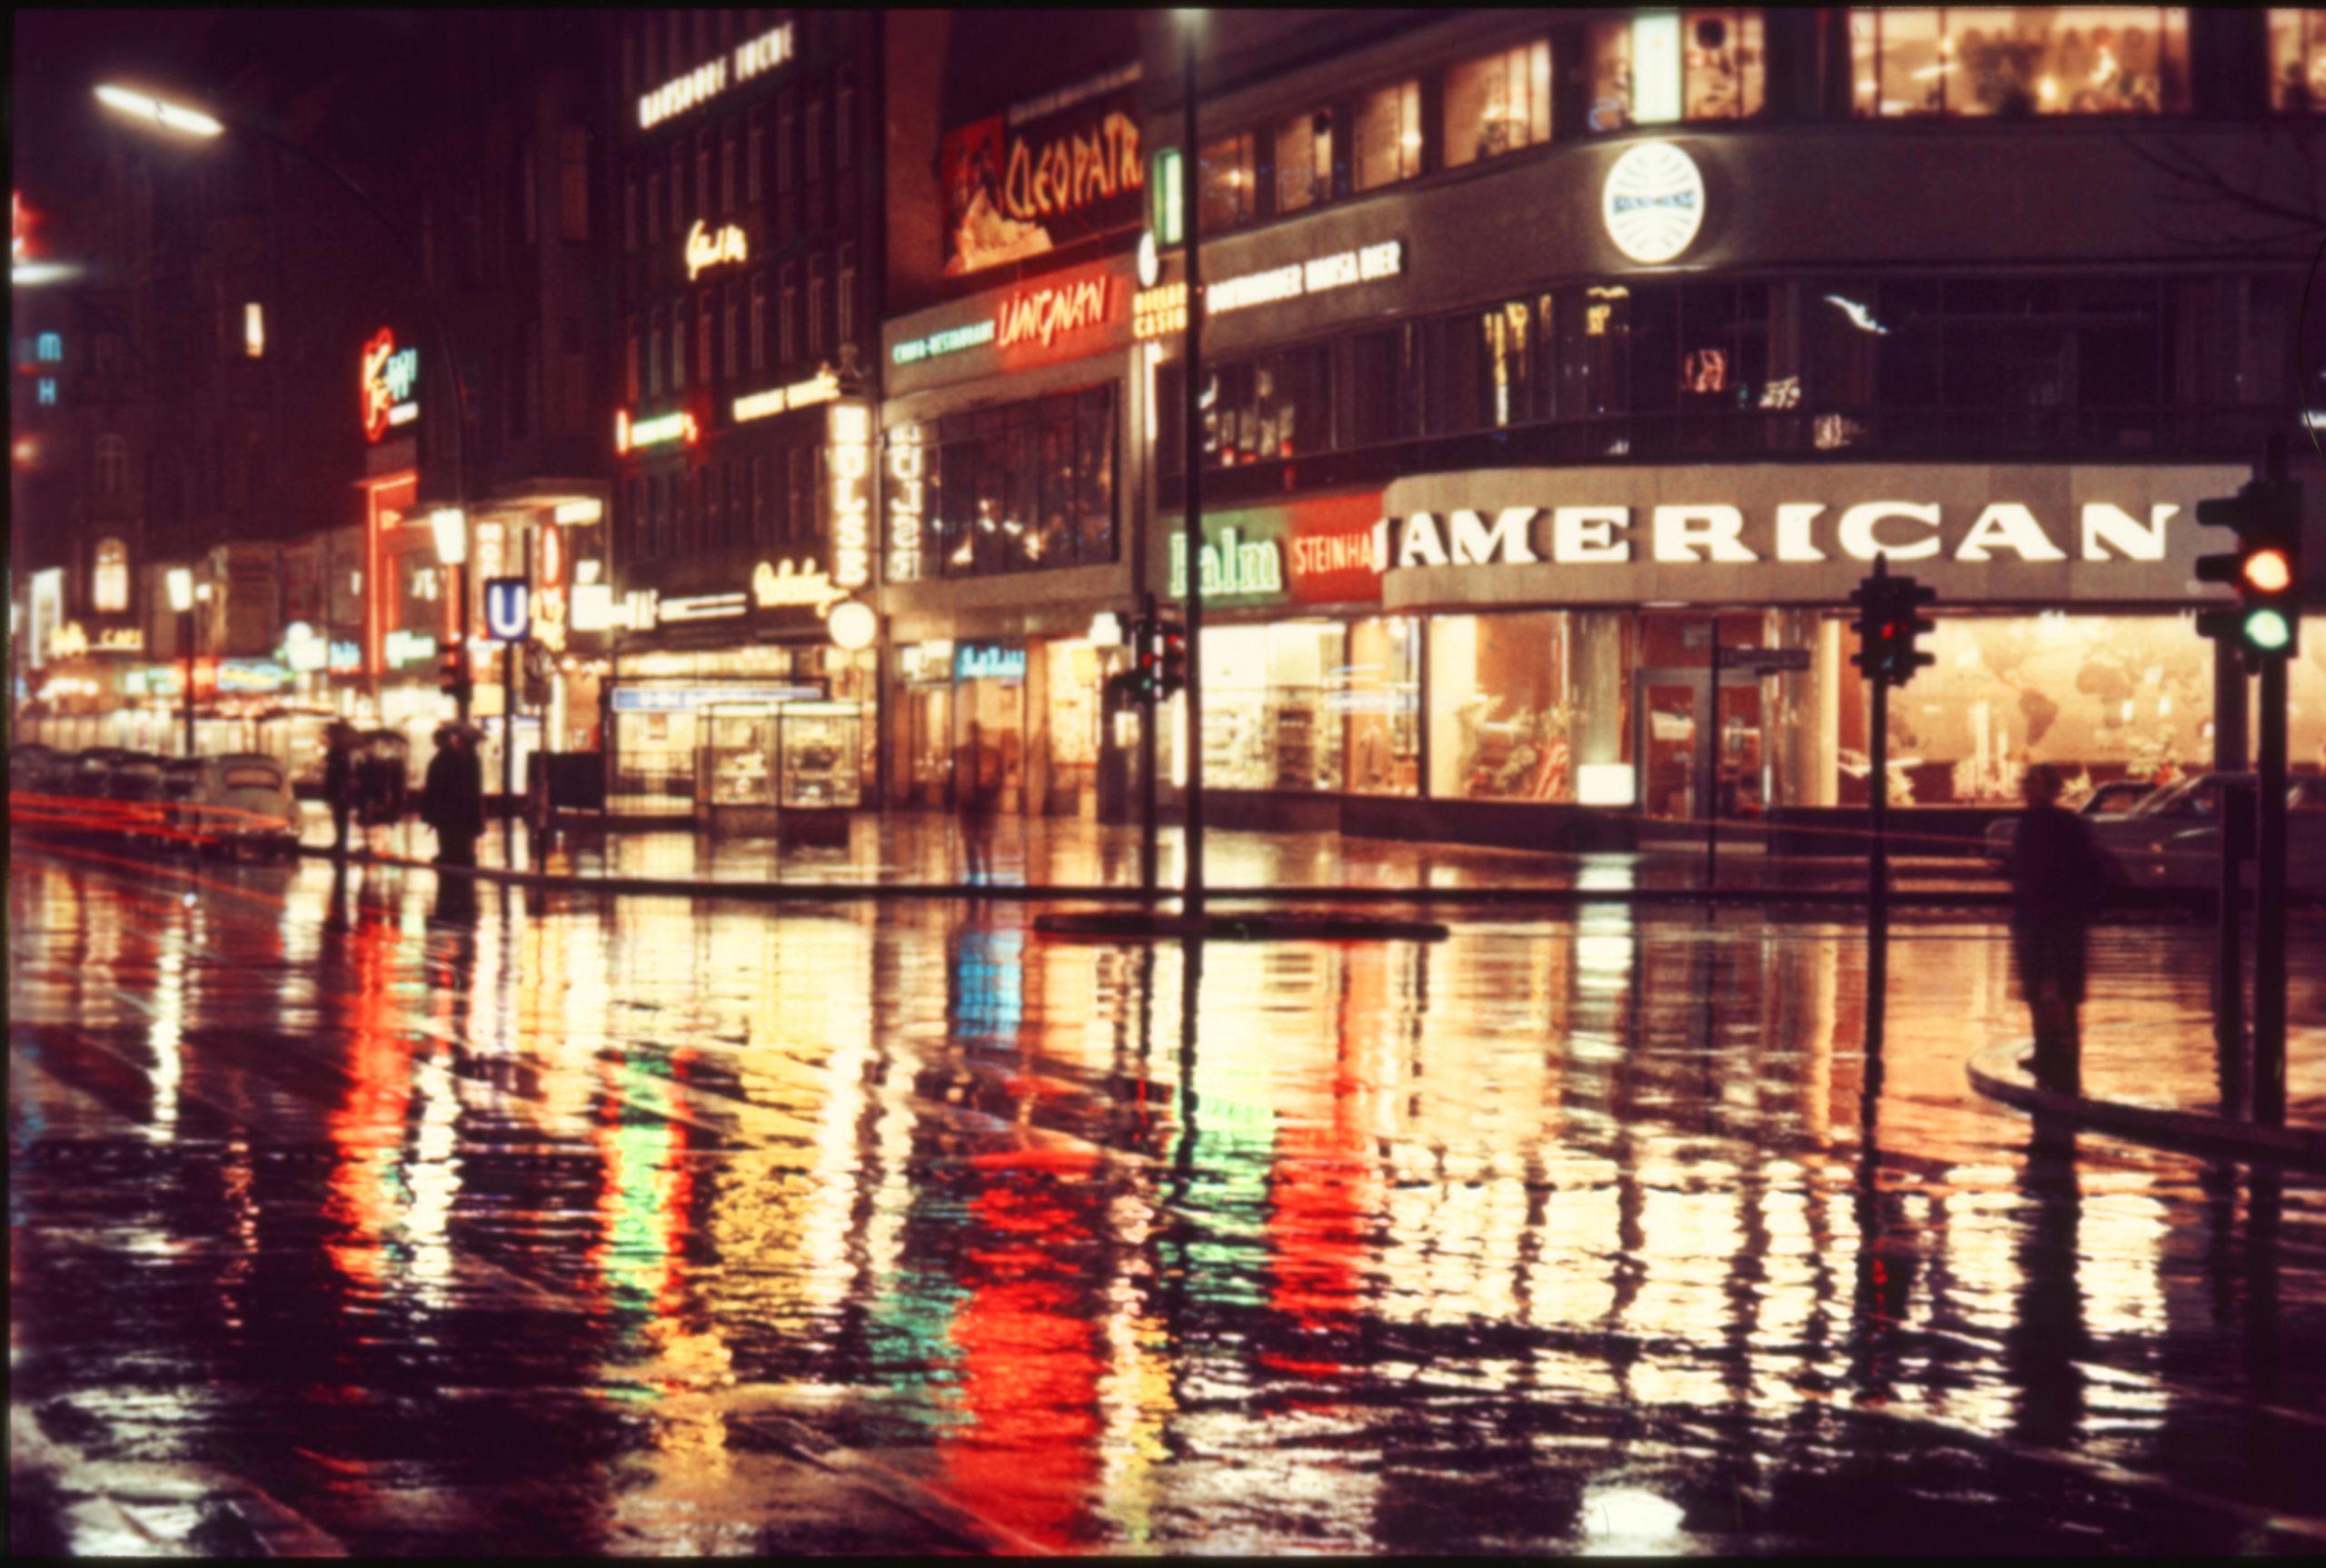 Regen in Berlin: Der Kurfürstendamm bei Nacht und Regen, 1966. Foto: Imago/Serienlicht